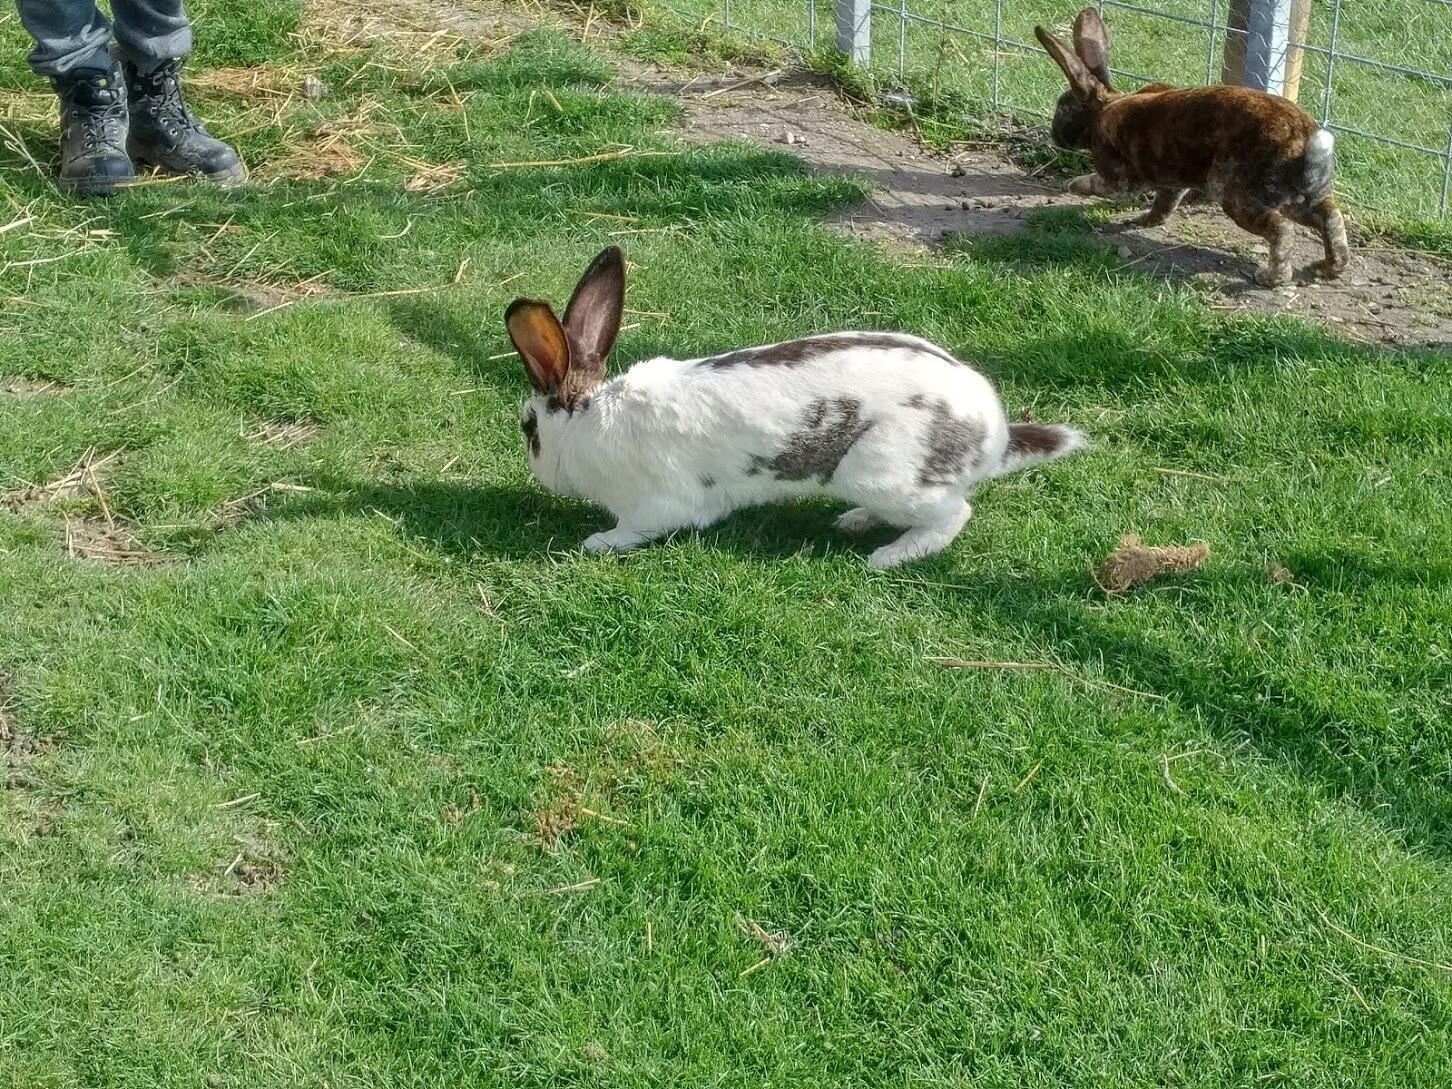 La granja posee varios conejos tamaño King Kong, que el perro Olaf observa con gula.